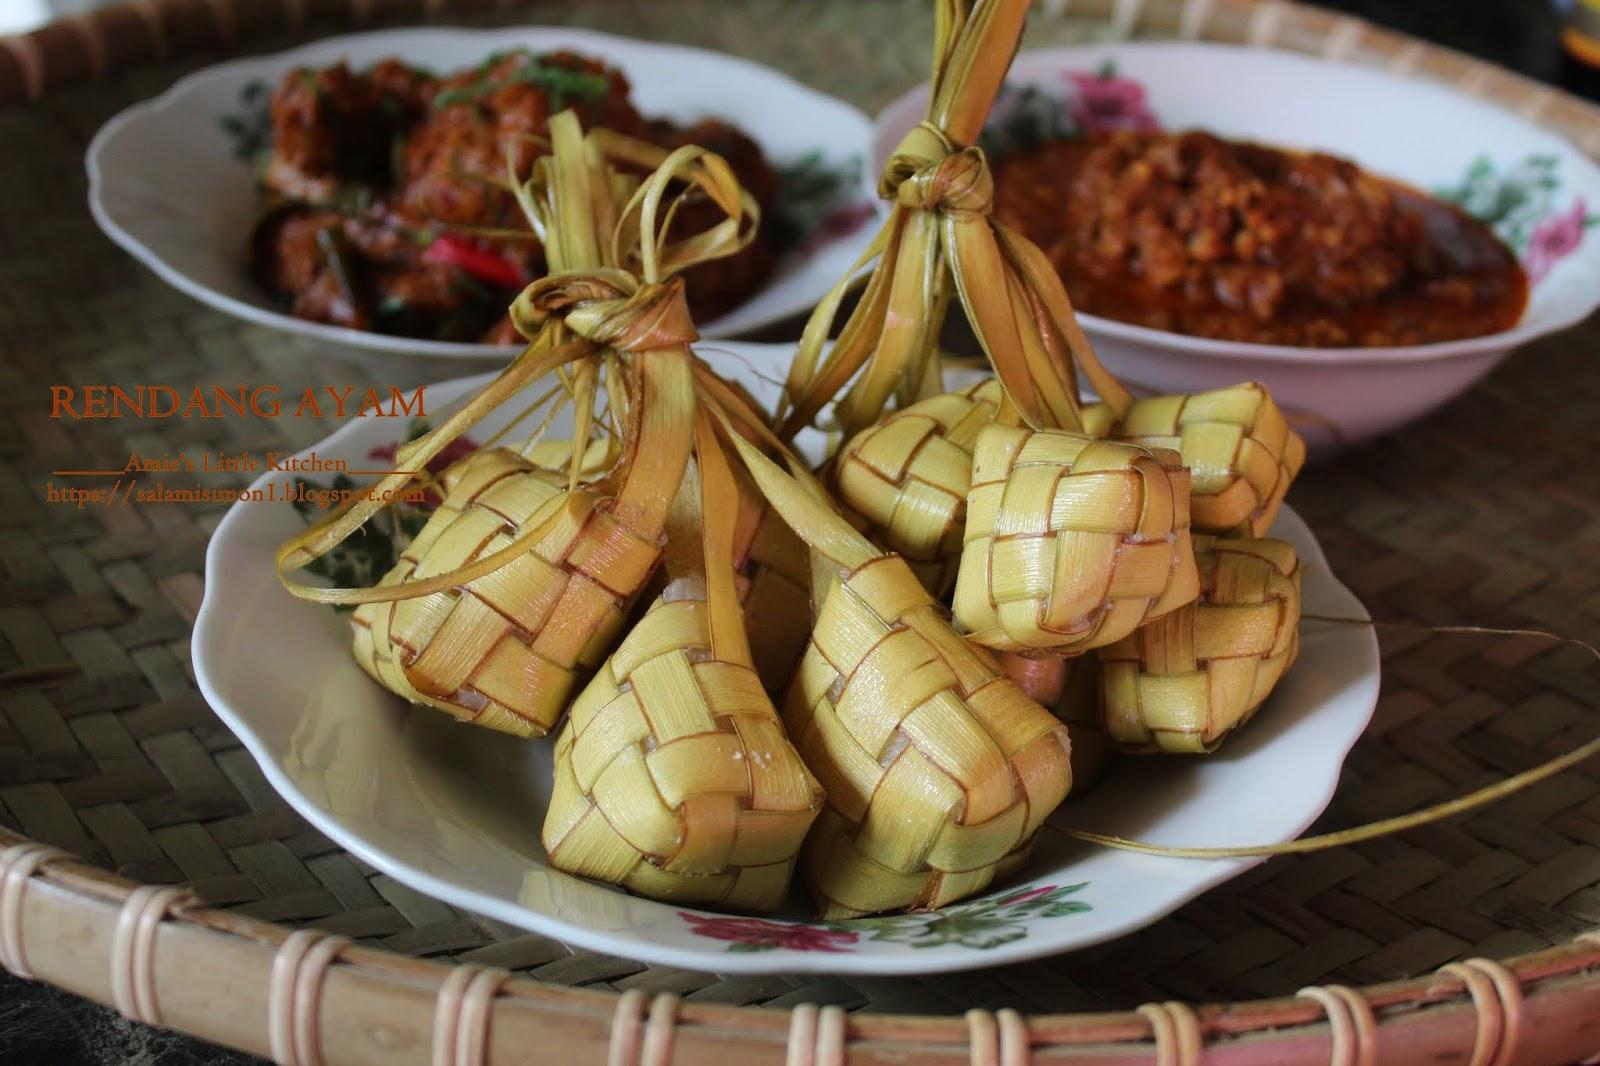 AMIE'S LITTLE KITCHEN: Resepi Rendang Ayam Paling Mudah Tapi Sedap!